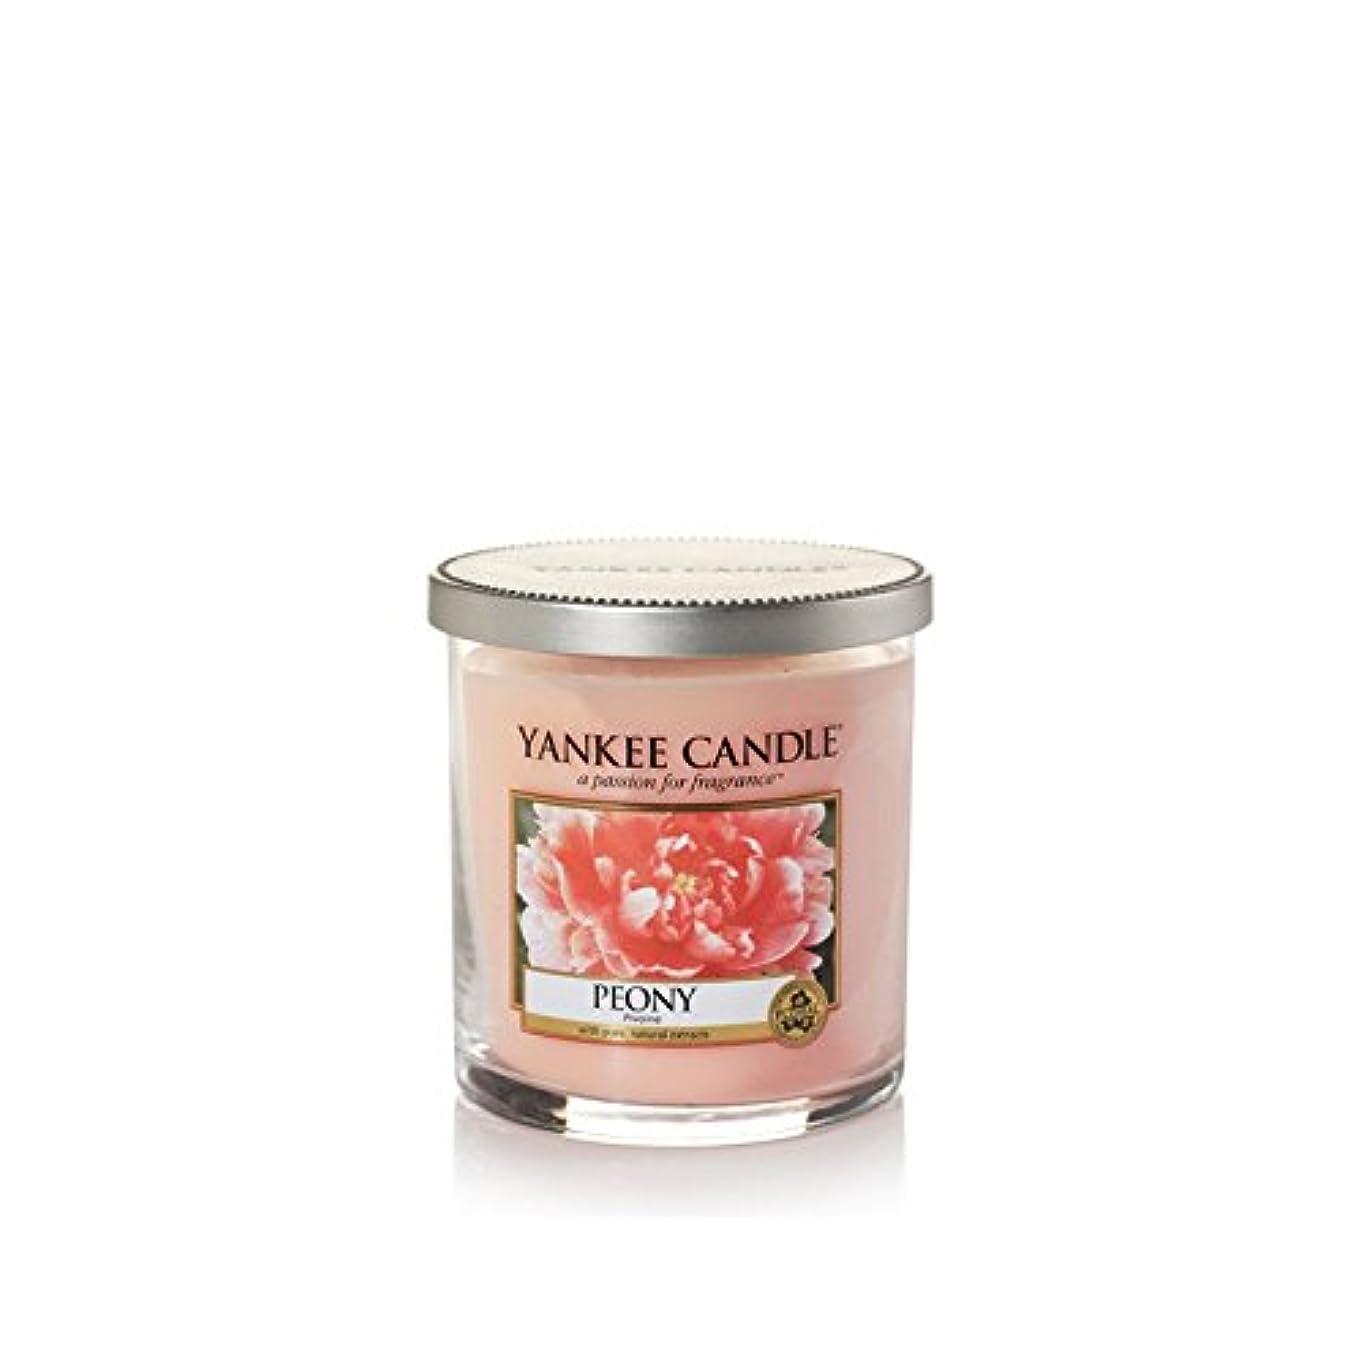 意識的十代の若者たち悲鳴Yankee Candles Small Pillar Candle - Peony (Pack of 6) - ヤンキーキャンドルの小さな柱キャンドル - 牡丹 (x6) [並行輸入品]